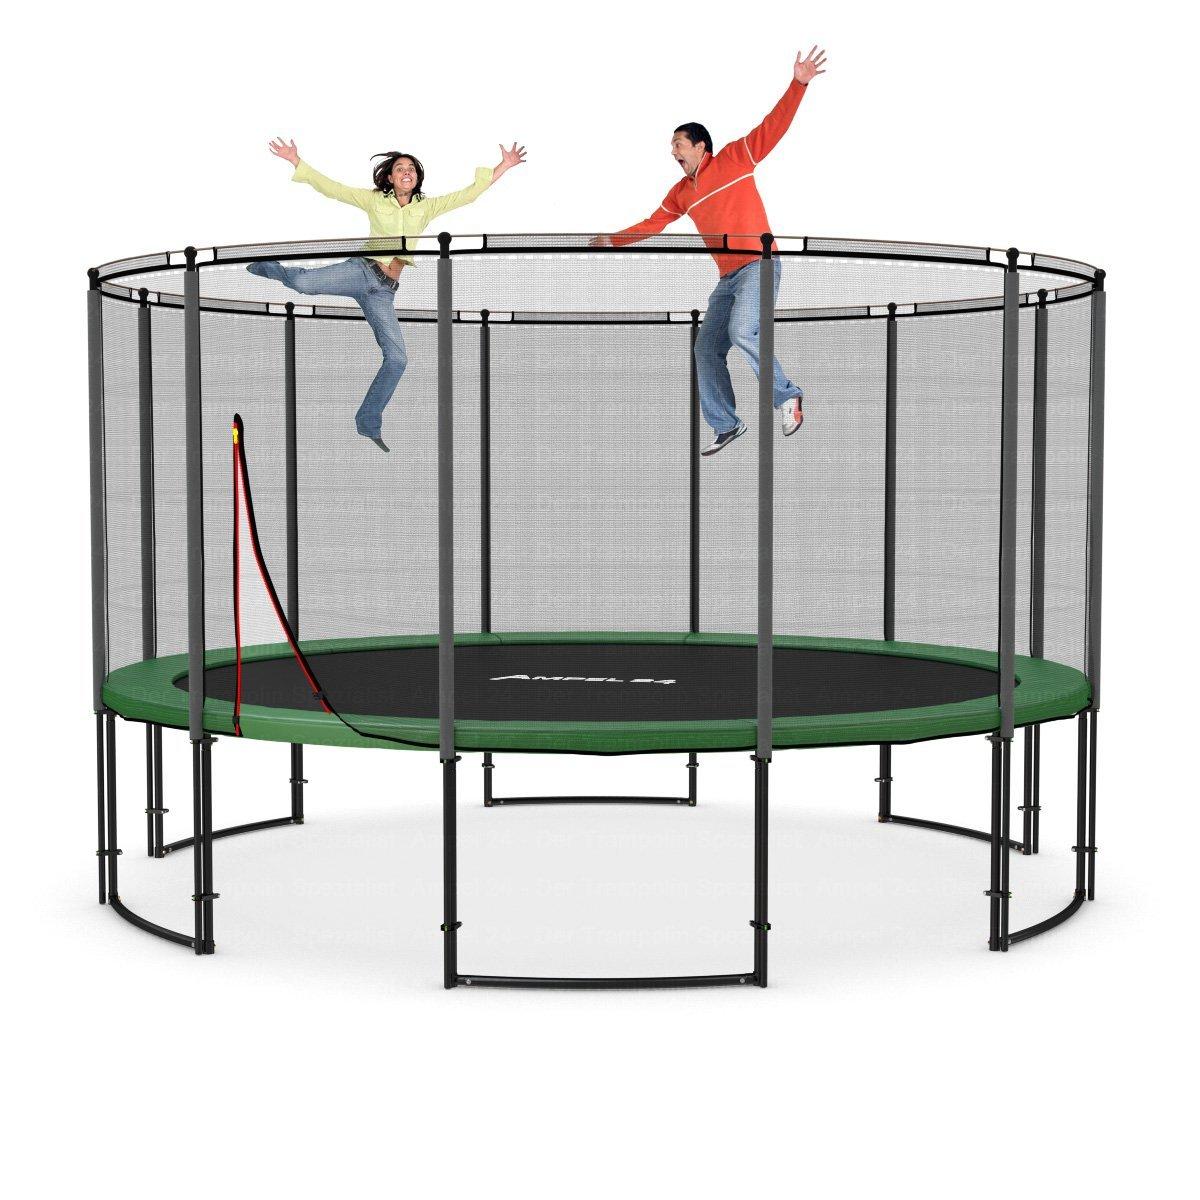 Deluxe Trampolin Ø 430 cm, mit Netz, grün, bis 160 kg: Amazon.de: Garten